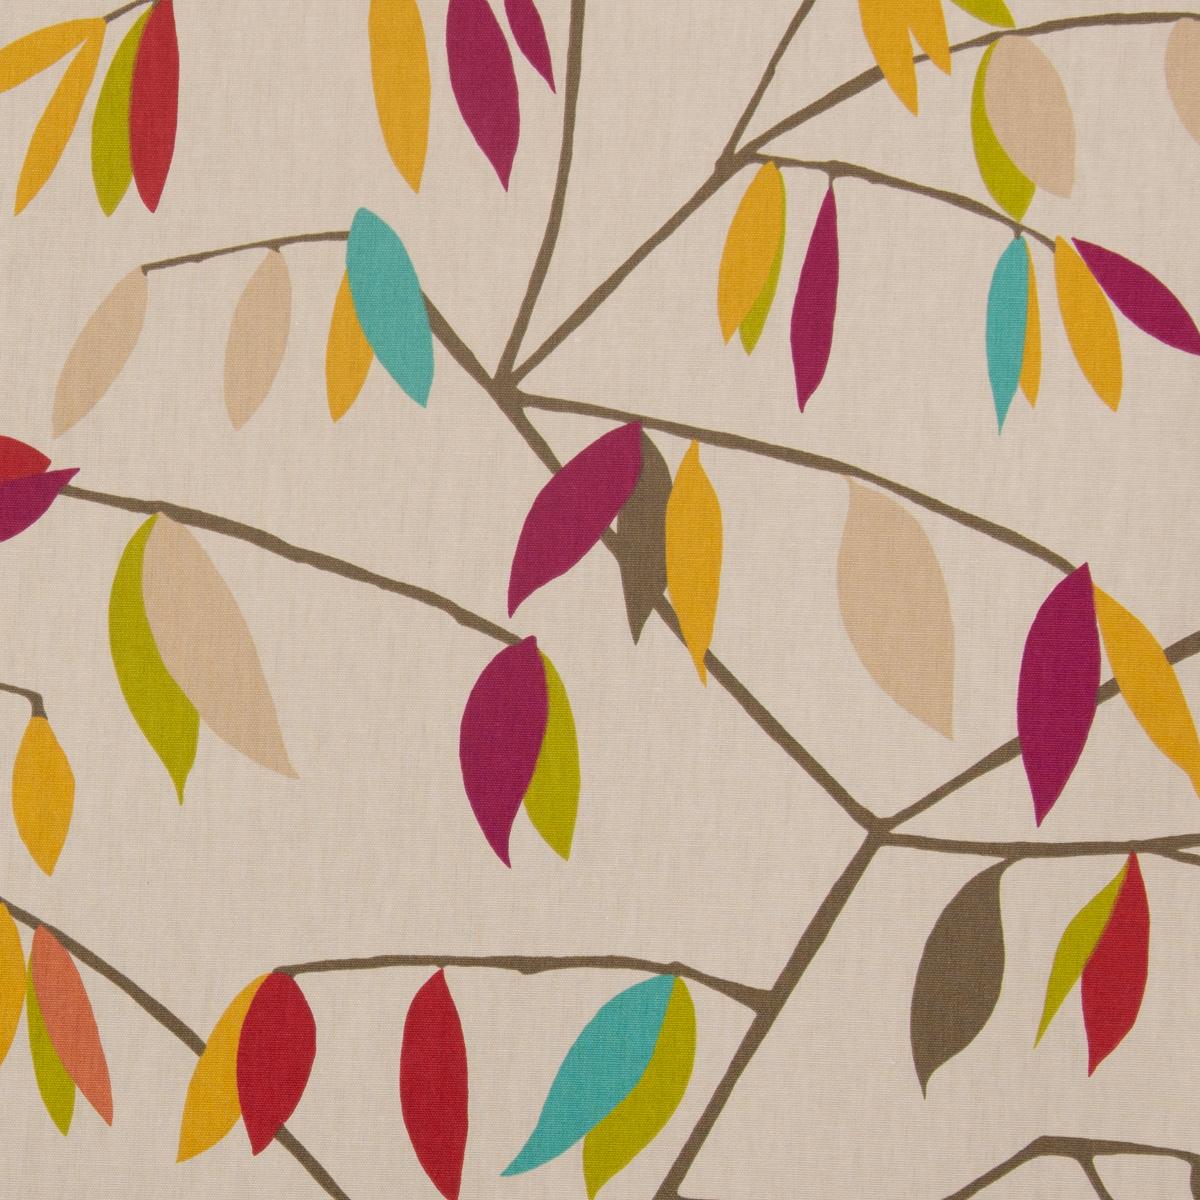 Dekostoff Coco Plum Rossini beige mit Blätter braun grün rot 1,38cm Breite